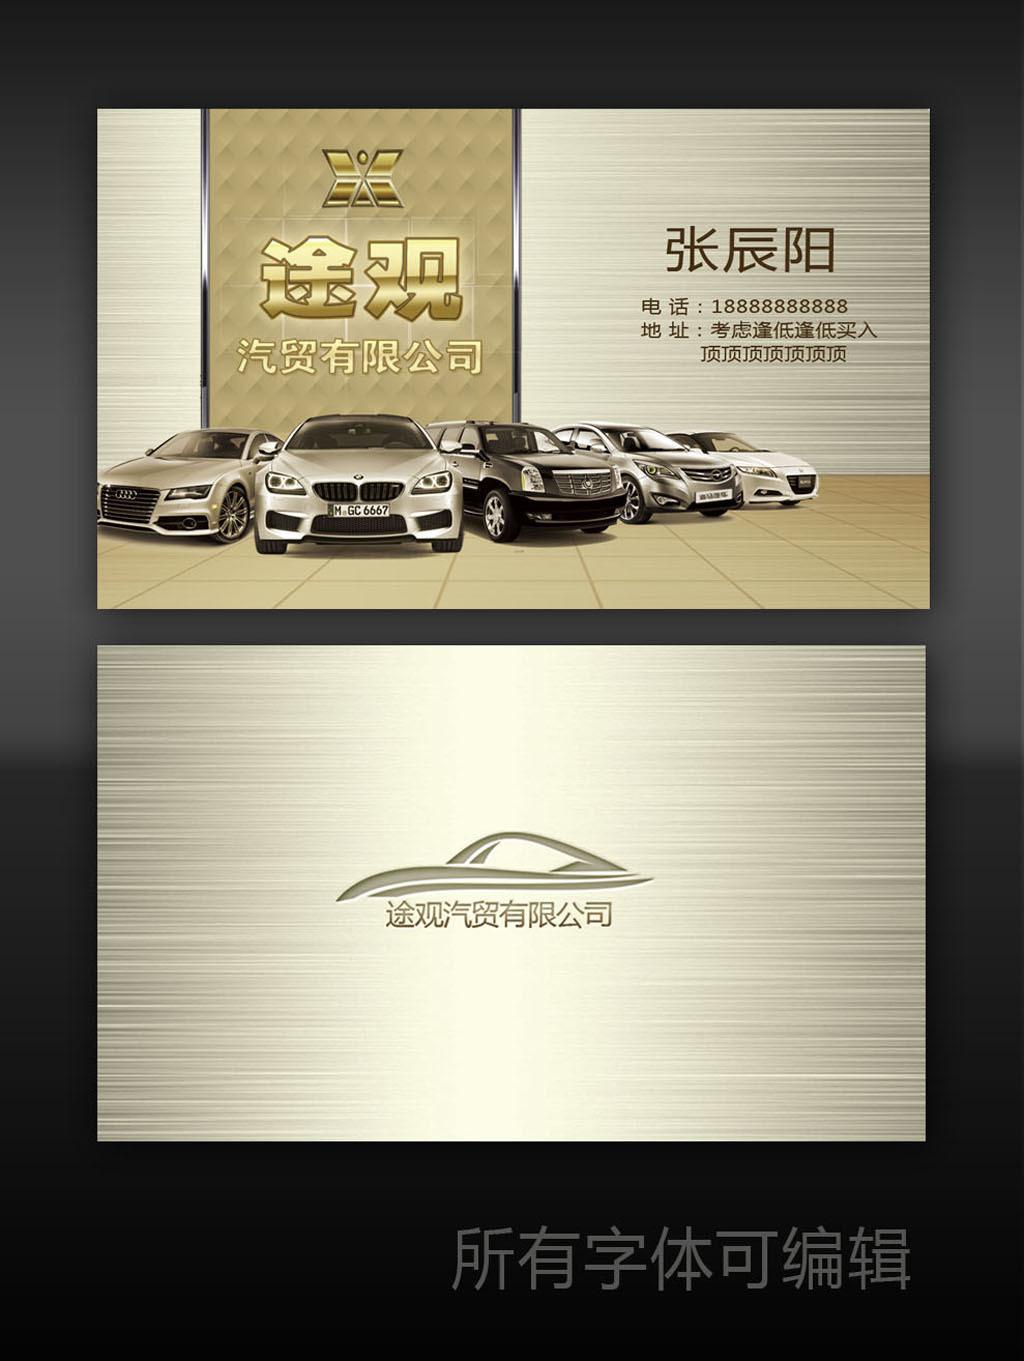 高档汽车行业名片模板下载